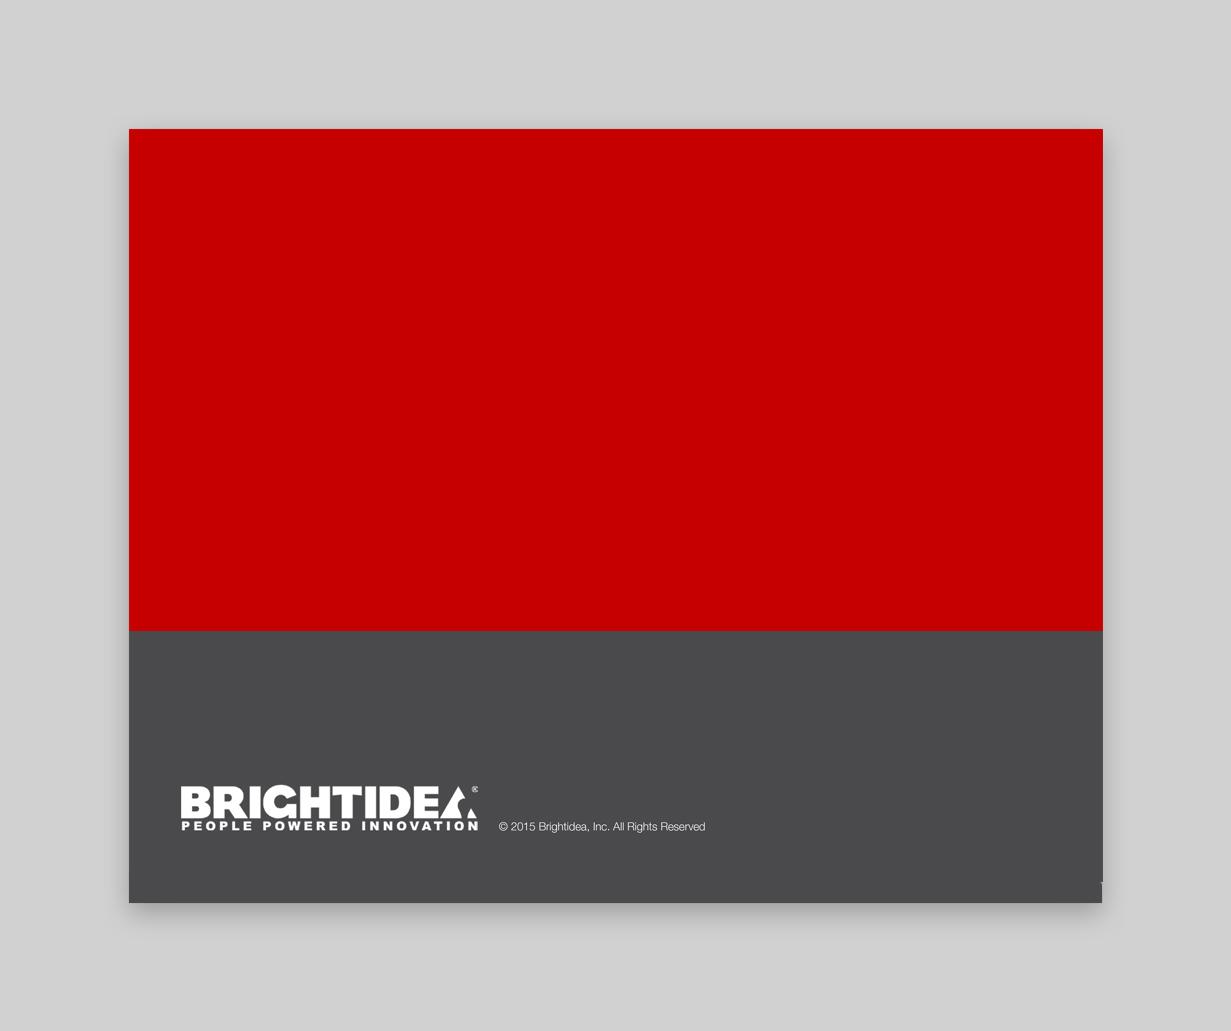 Brightidea Brand Guidelines